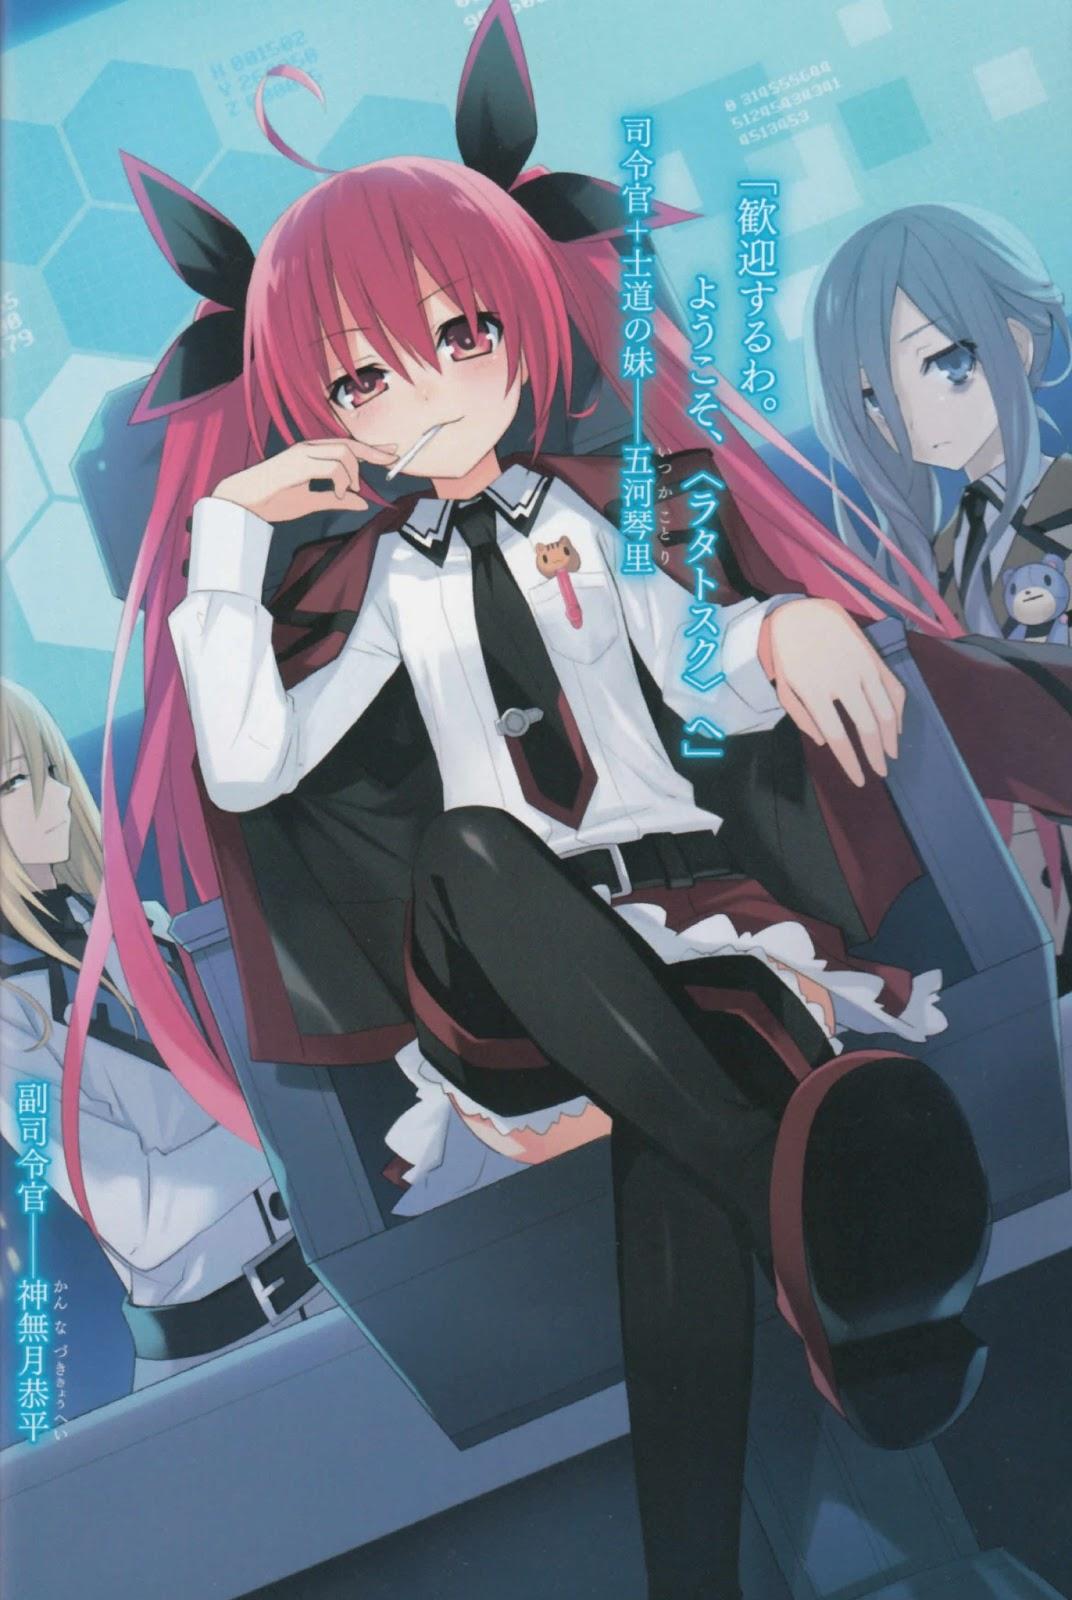 Blog eines Niemanden: Anime Spring Season 2013